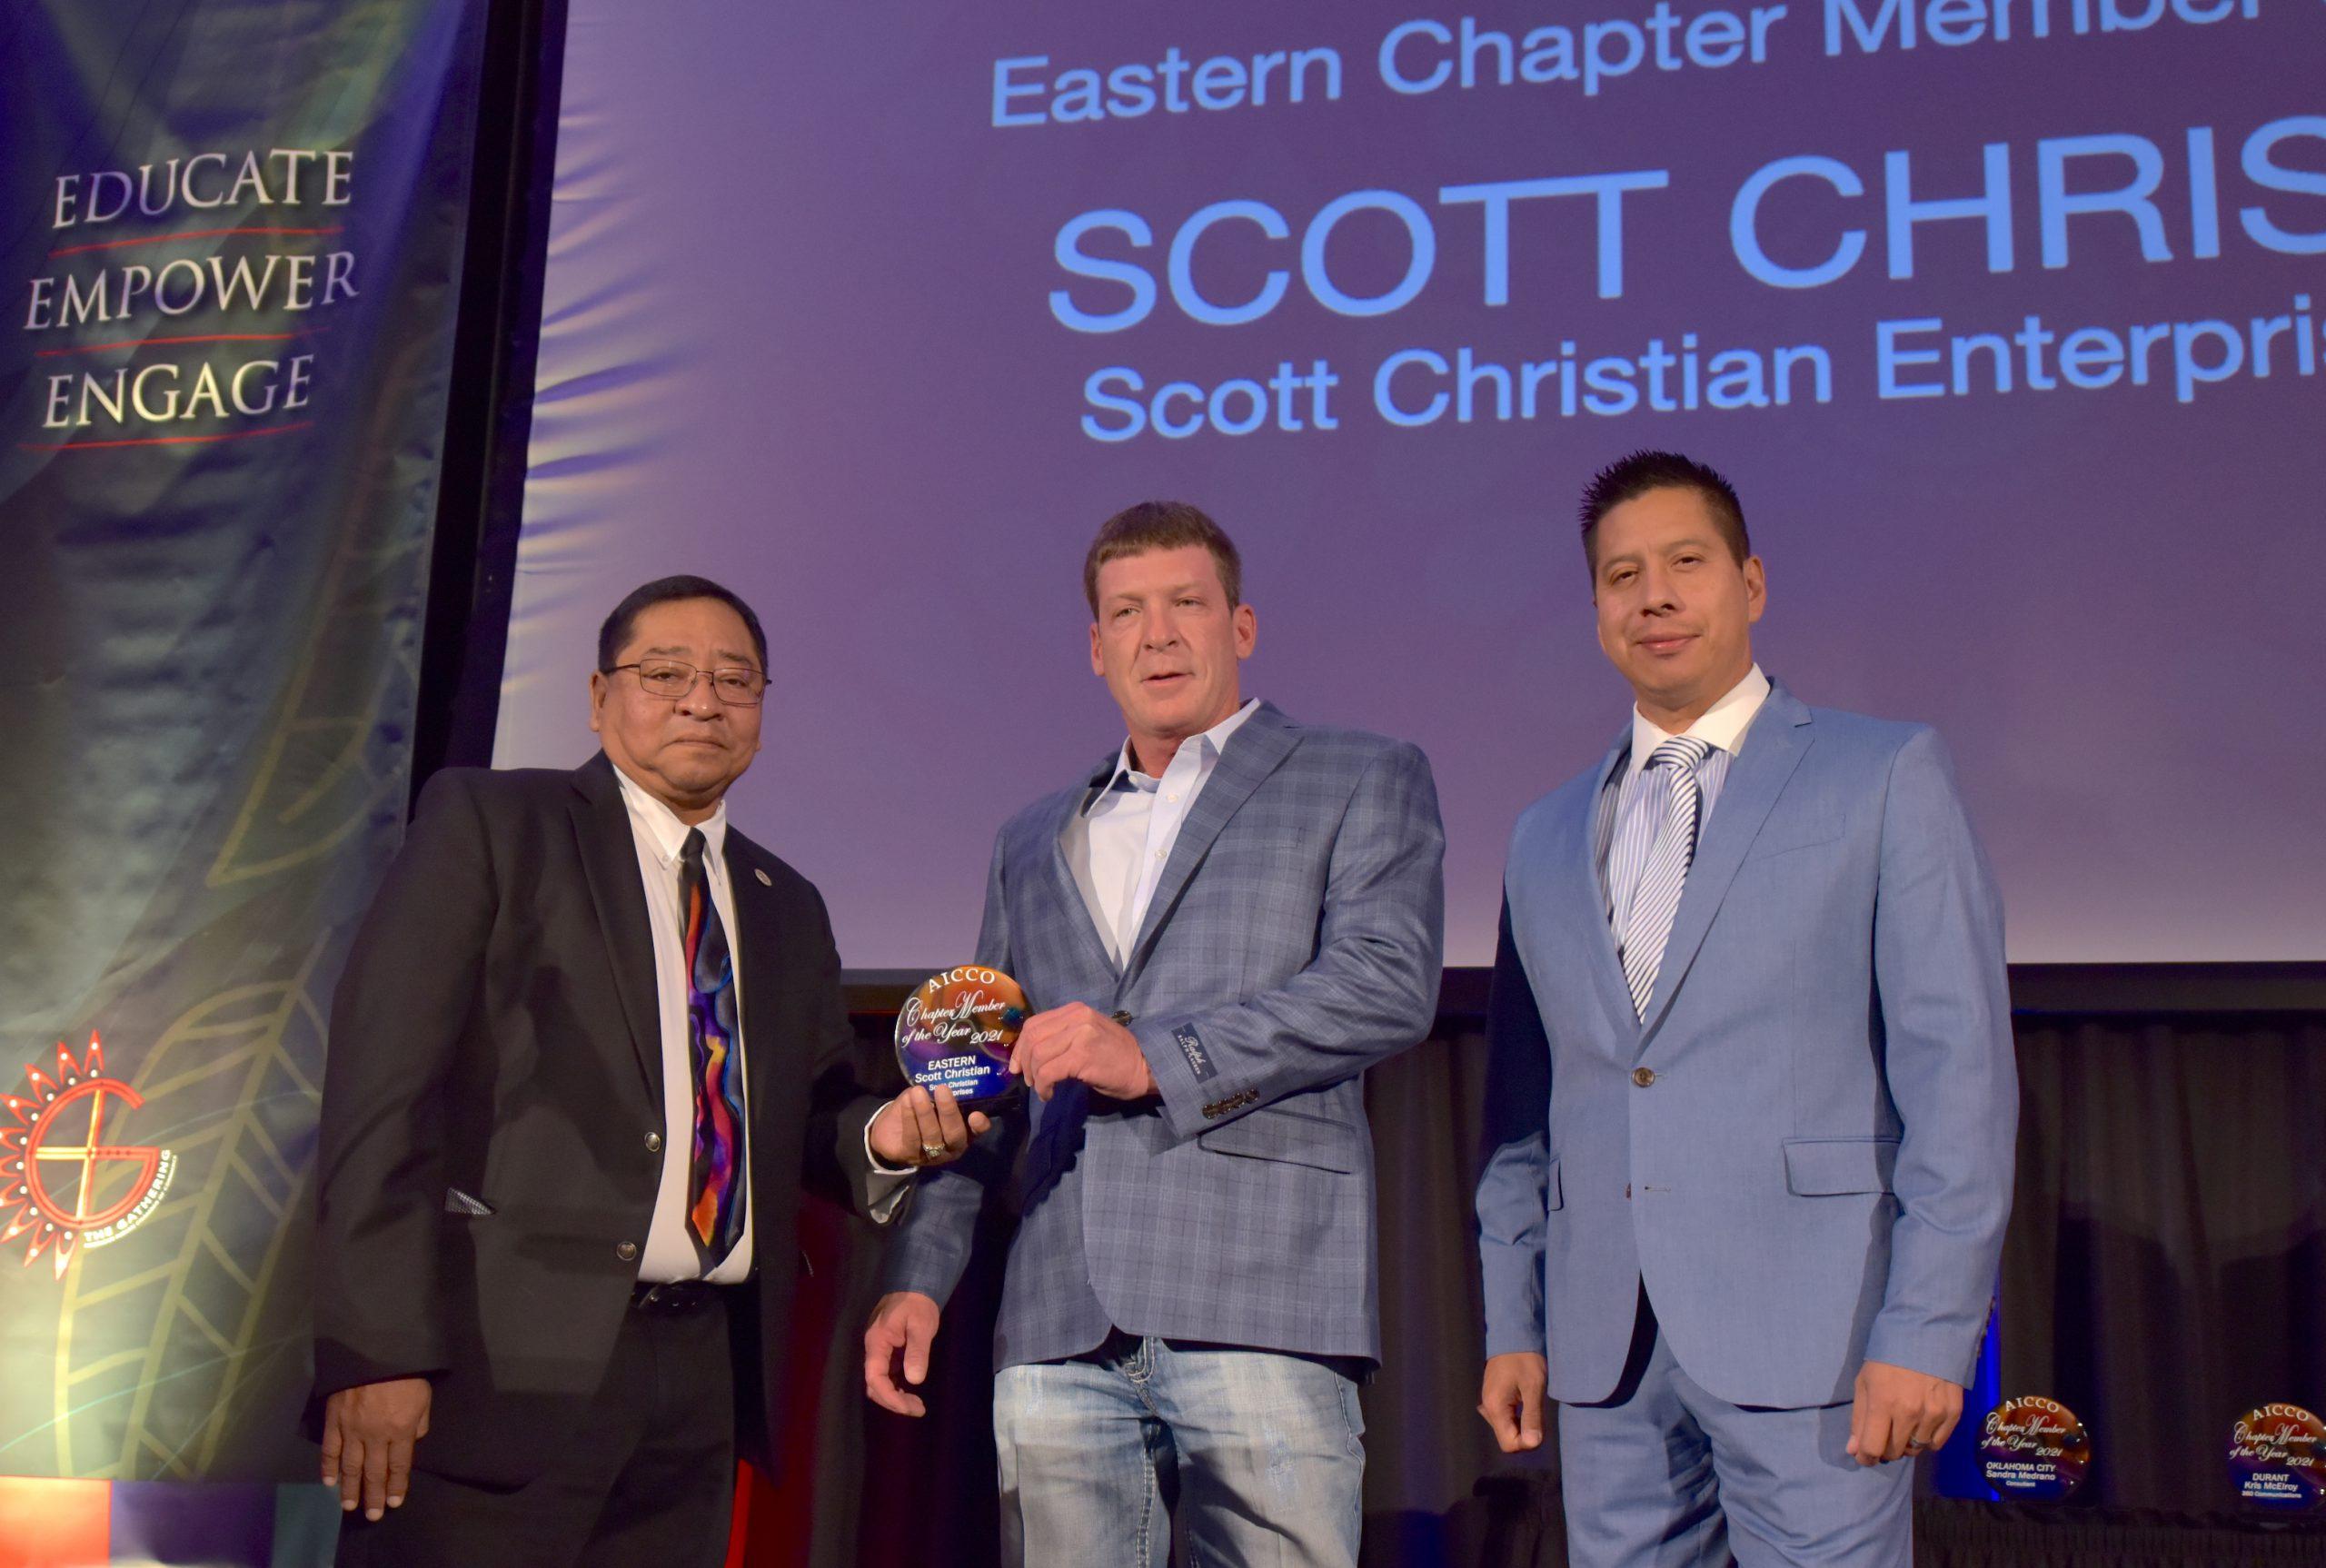 EASTERN CHAPTER MEMBER OF THE YEAR AWARD SCOTT CHRISTIAN / Scott Christian Enterprises, LLC